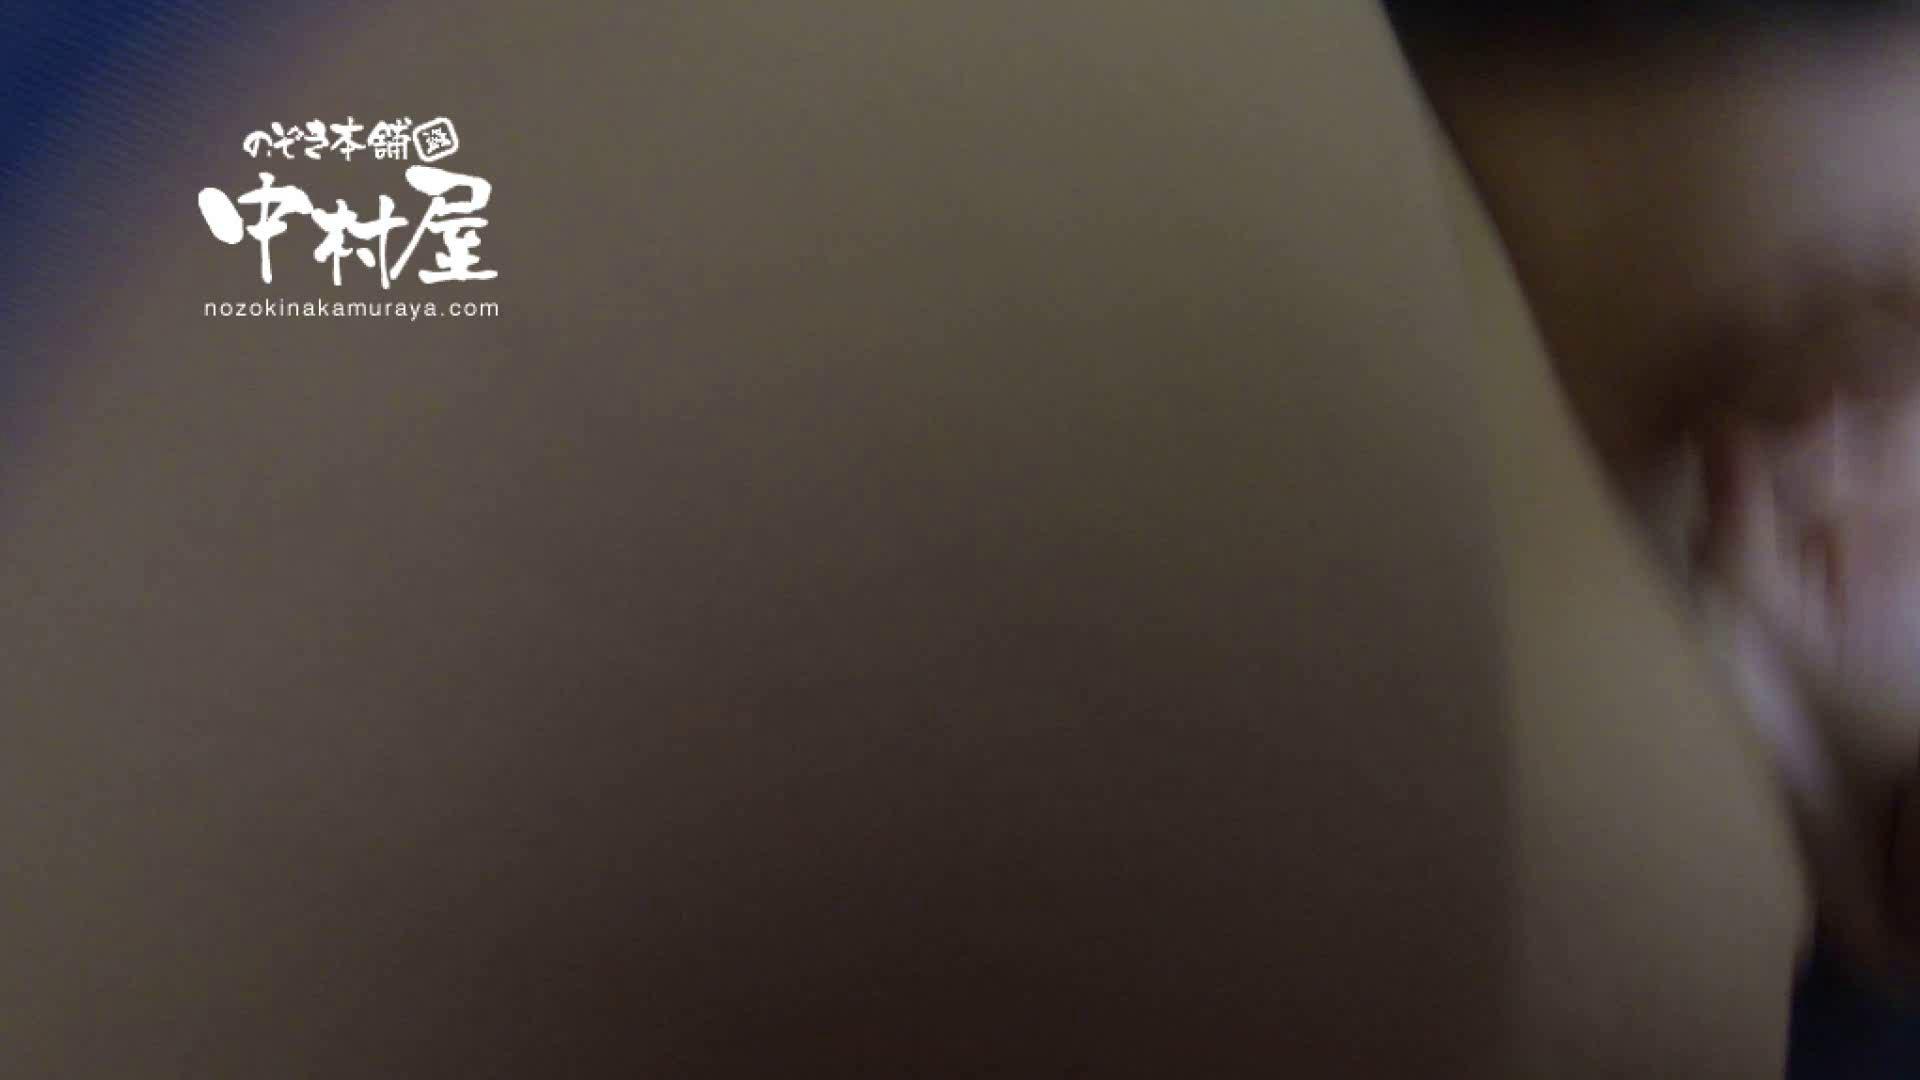 鬼畜 vol.14 小生意気なおなごにはペナルティー 後編 OLハメ撮り  98Pix 22